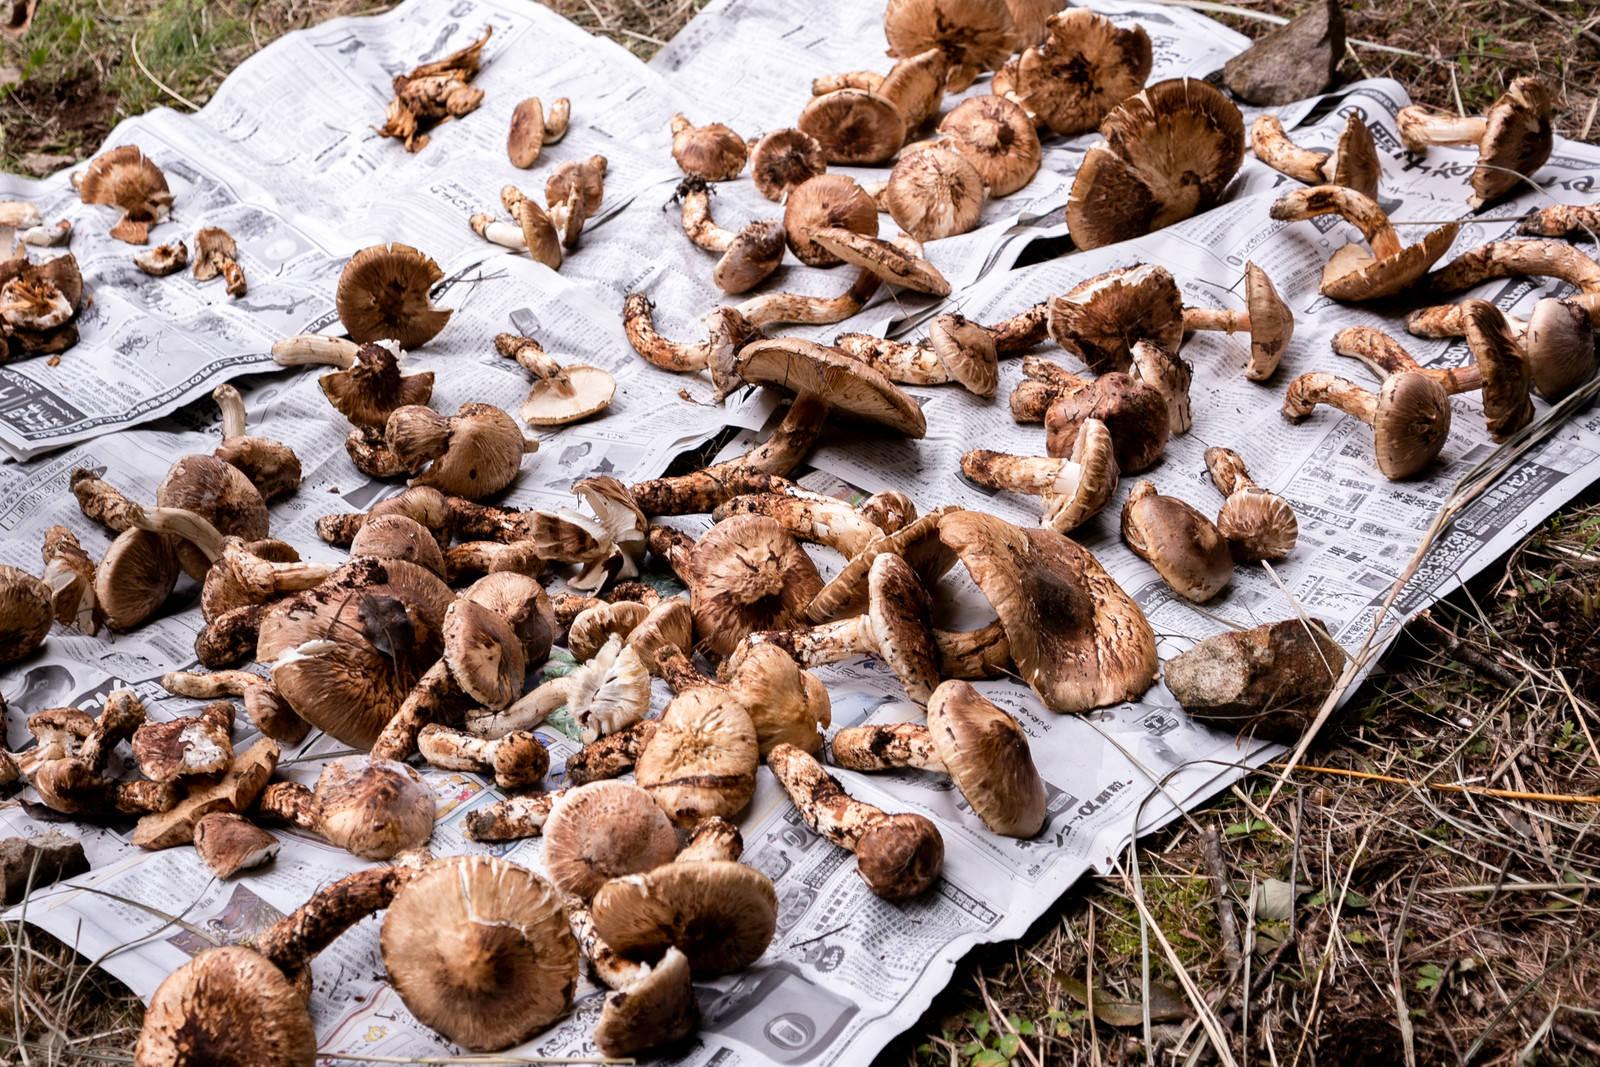 「新聞紙の上に無造作に並べられた大中小の松茸」の写真